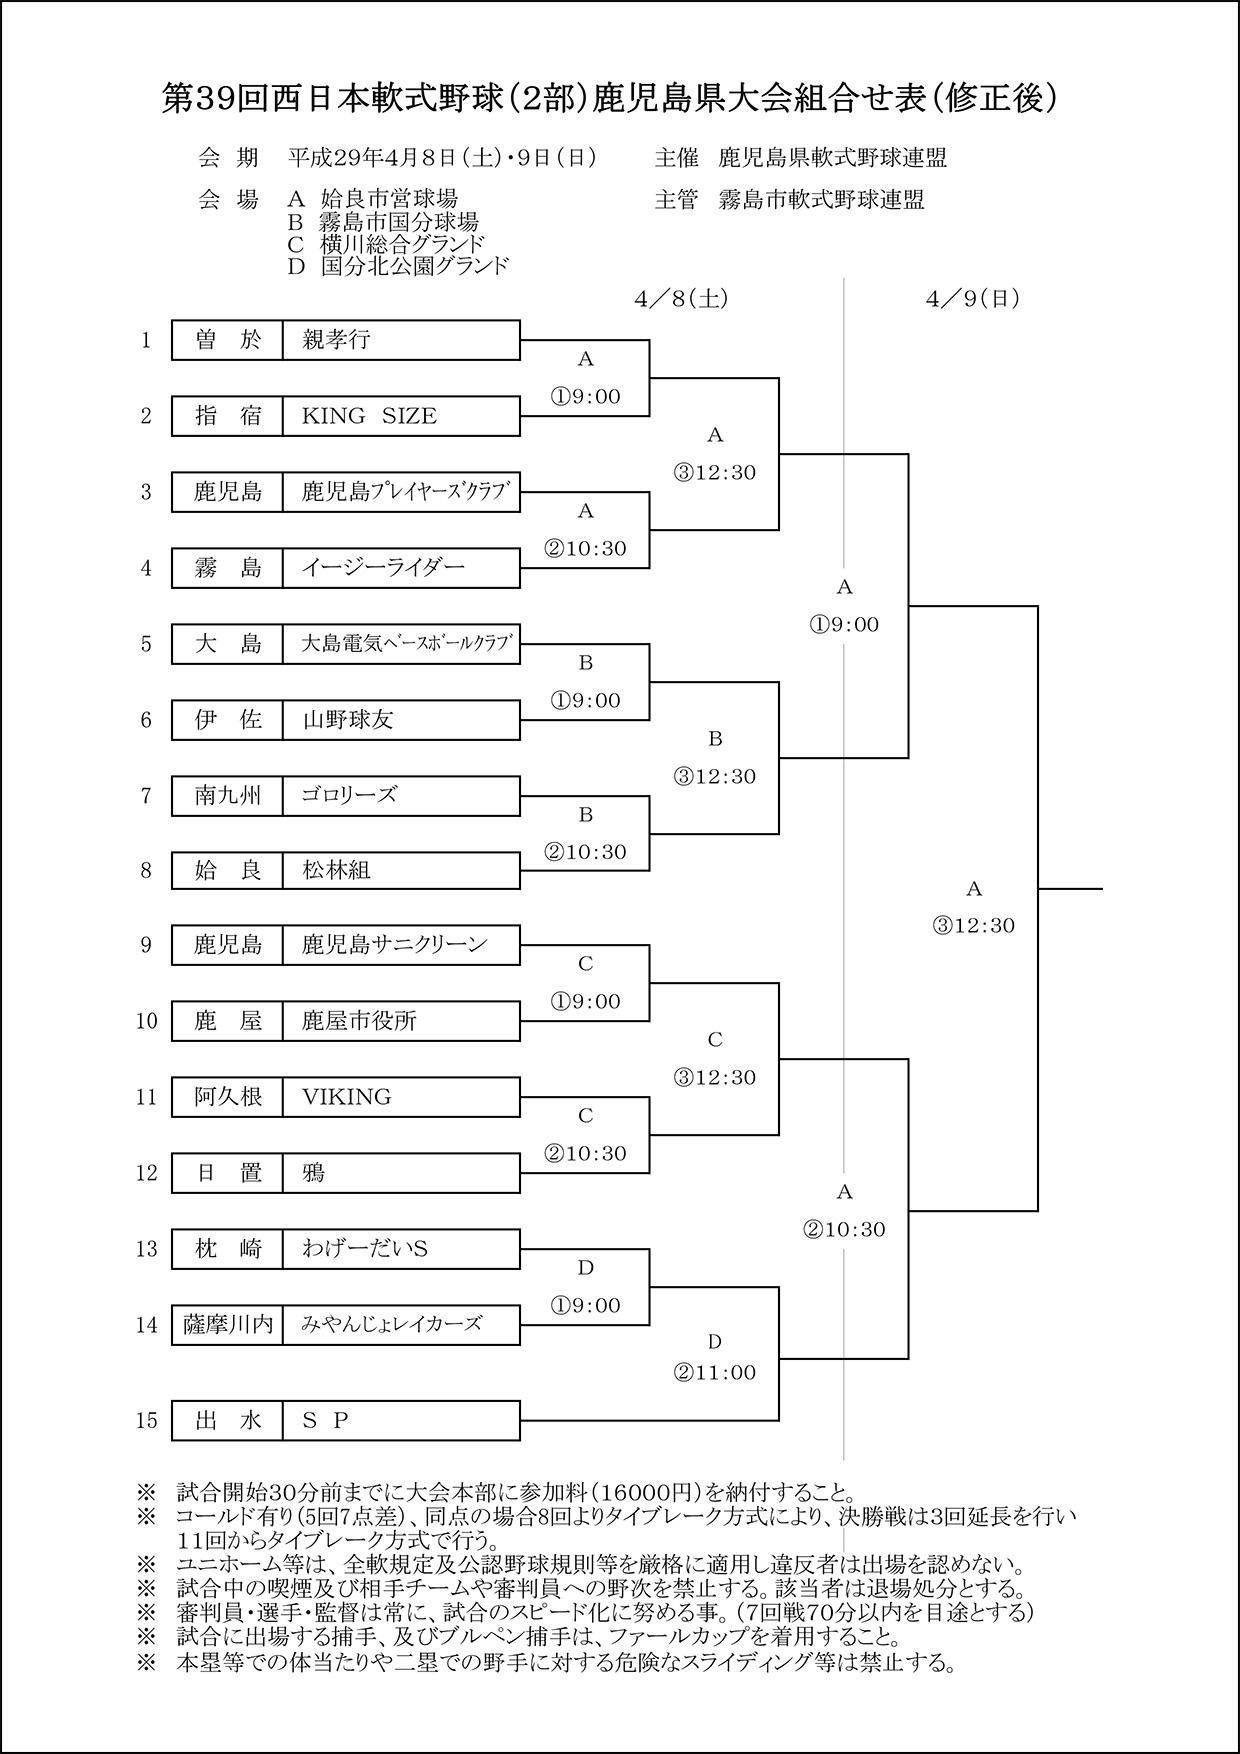 【会場修正】第39回西日本軟式野球(2部)鹿児島県大会組合せ表